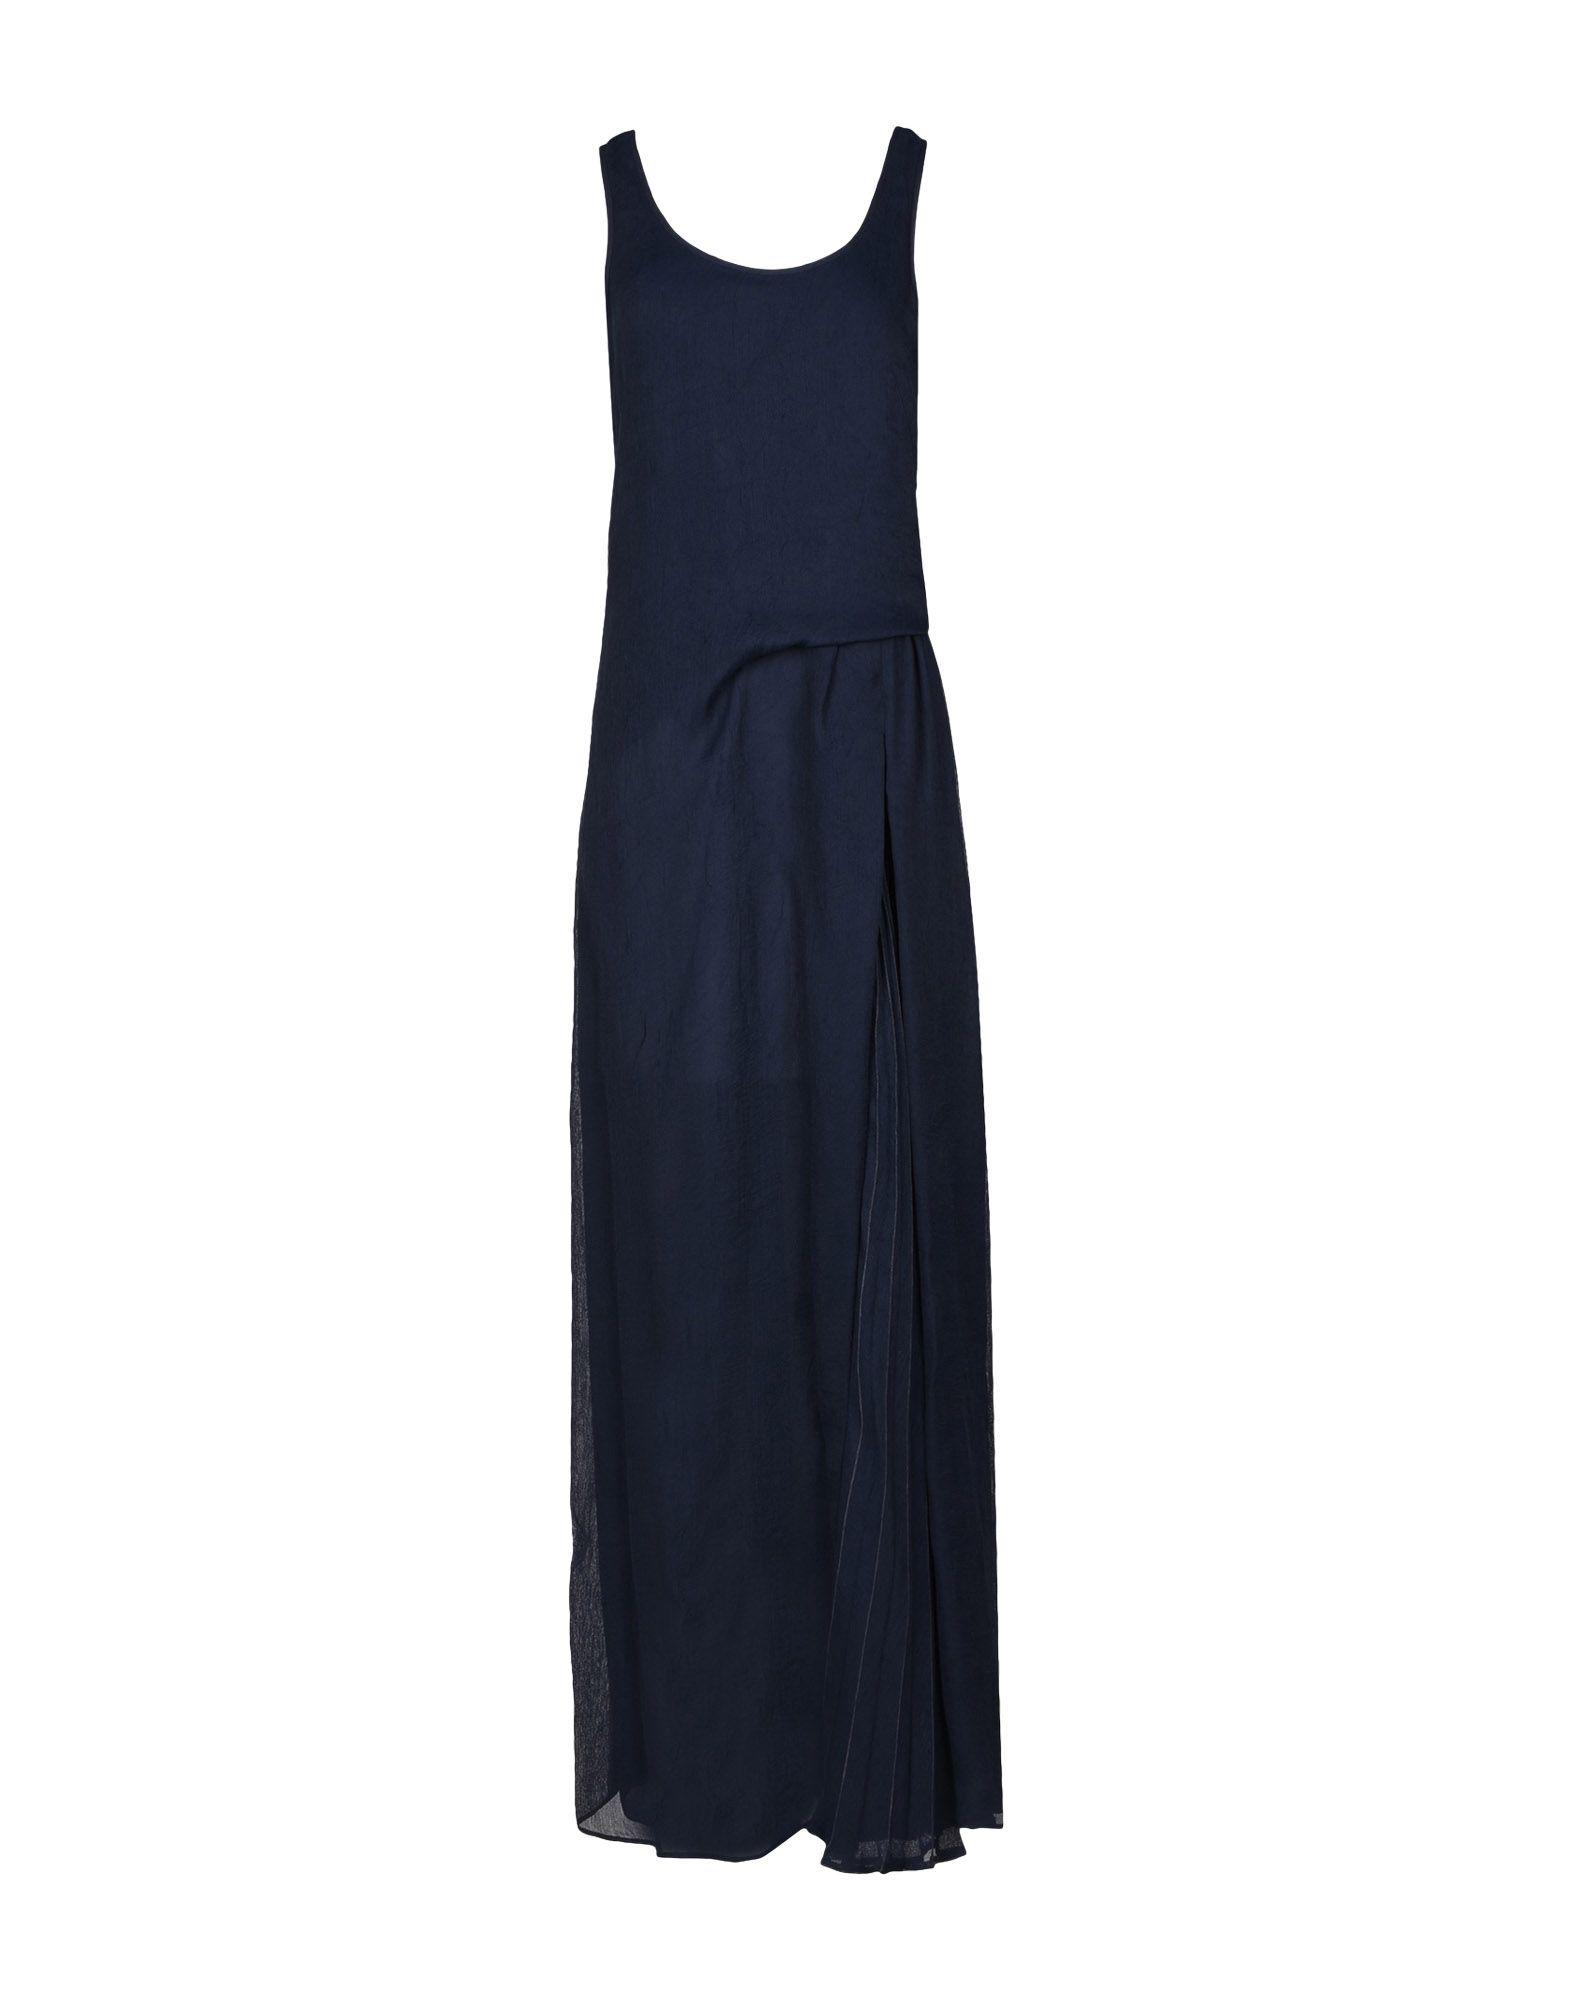 Vestito Lungo Emporio Armani Donna - Acquista online su LXSpmZ8